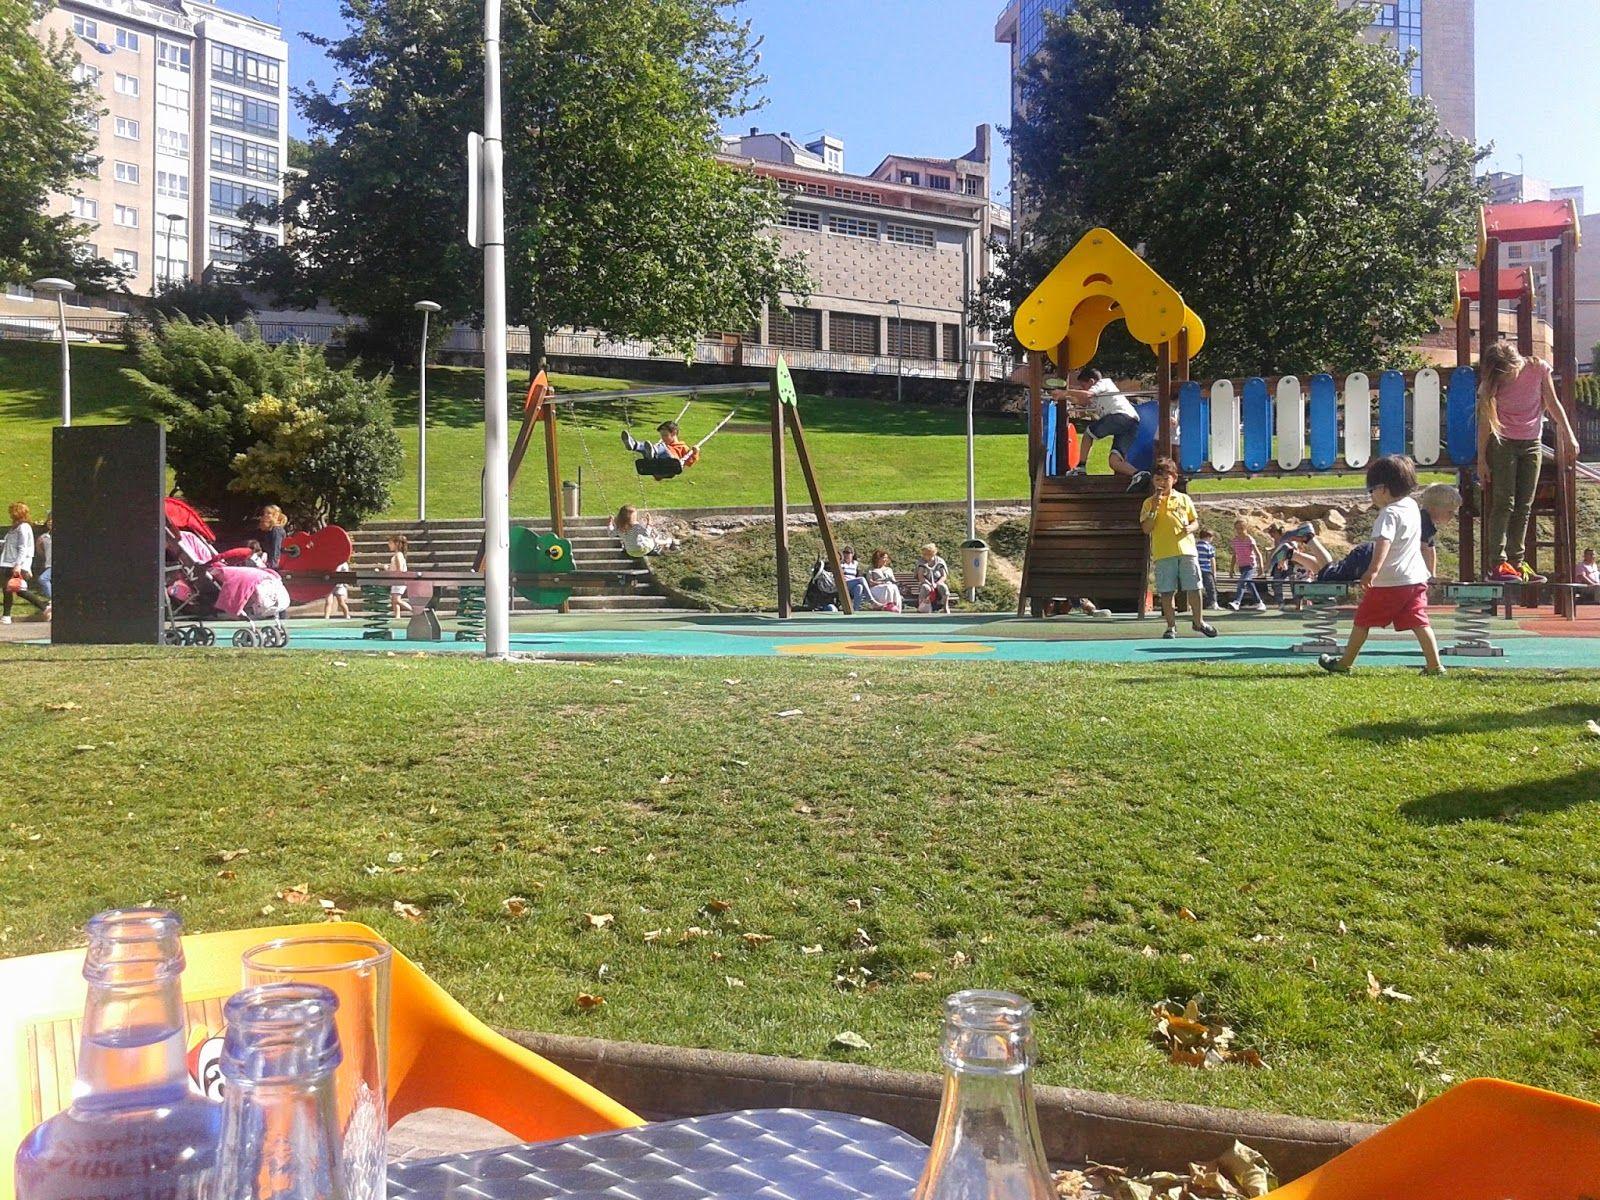 Cafés Con Parque Infantil Exterior Parques Infantiles Parques Viajes